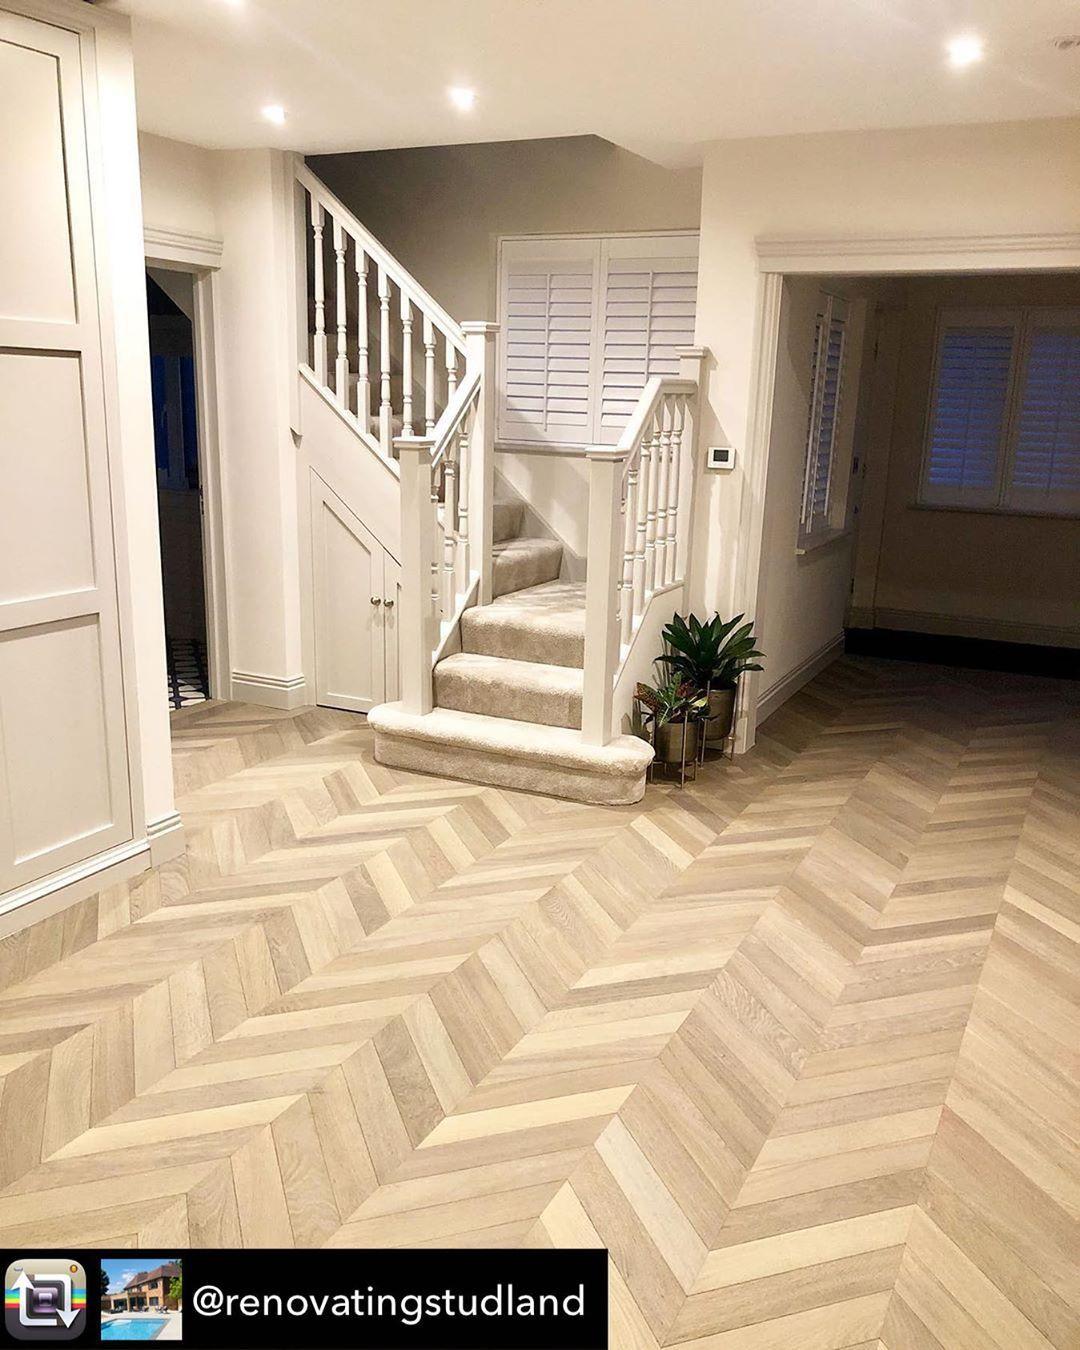 Best Chevron Floor Image By Solid Floor On Stairs Floor 400 x 300